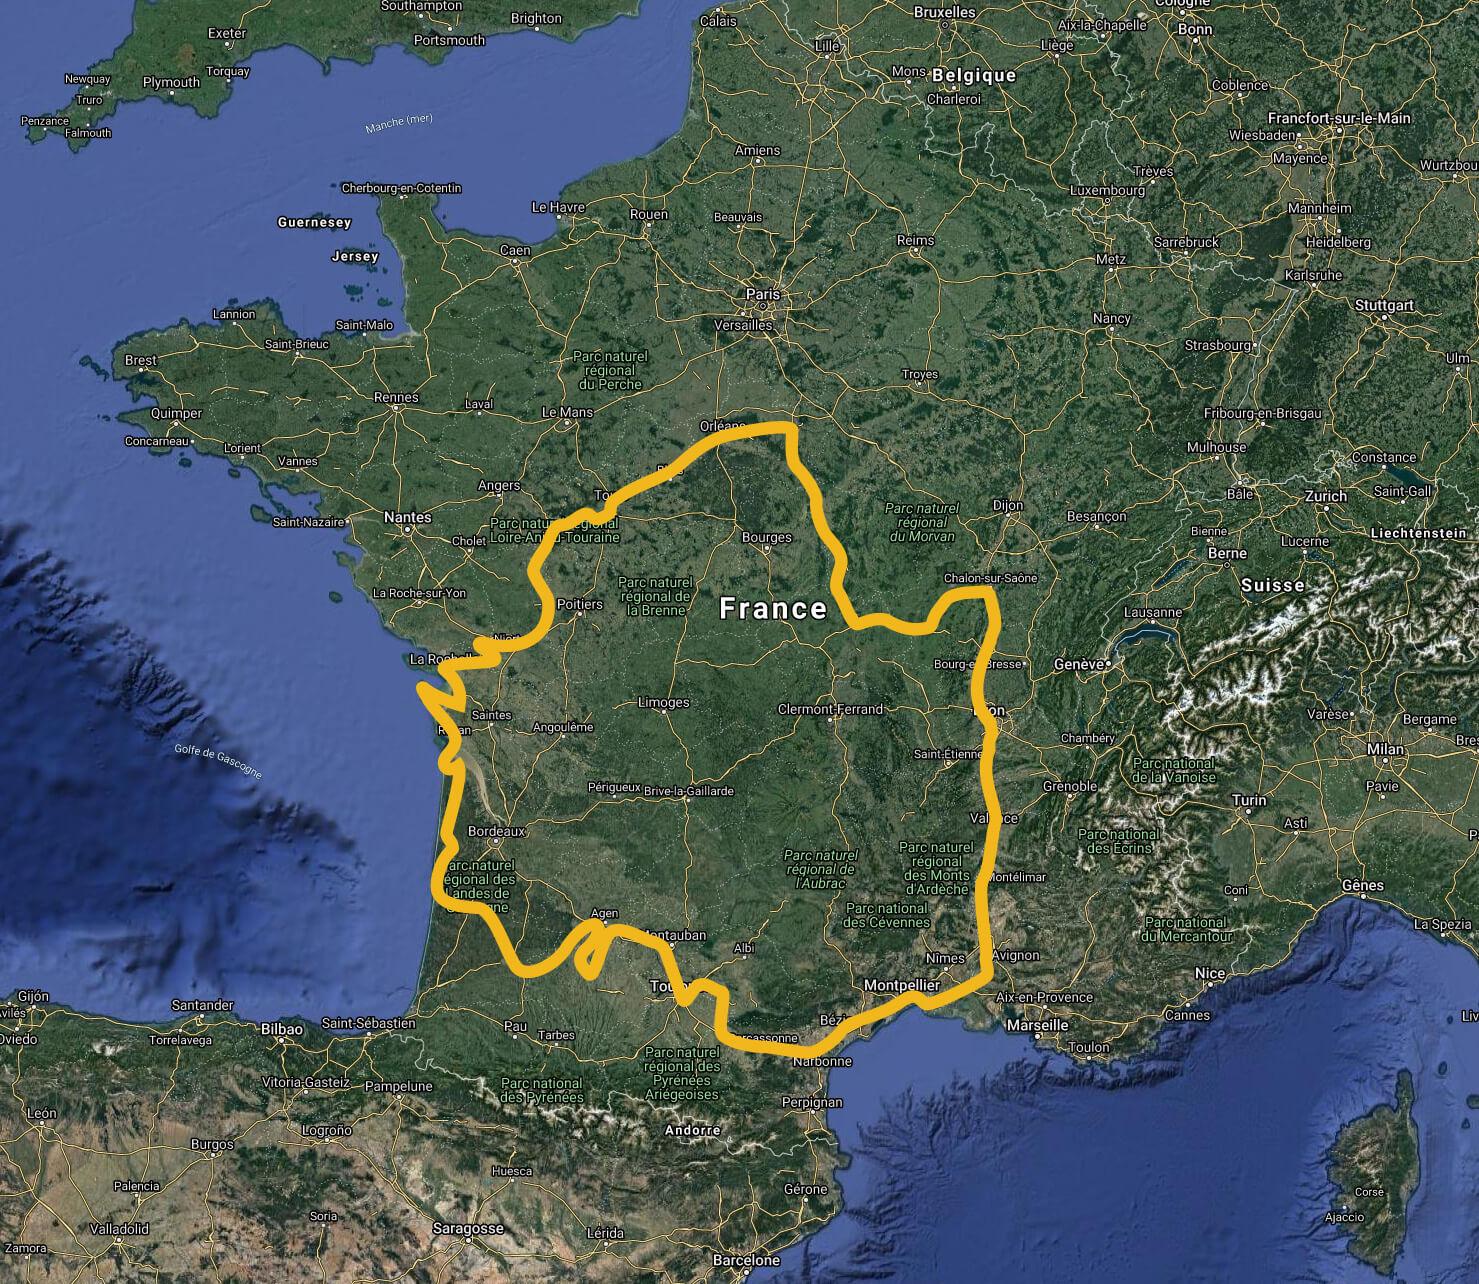 Le parcours de Thomas Sorel pendant les 8 mois de son tour de France